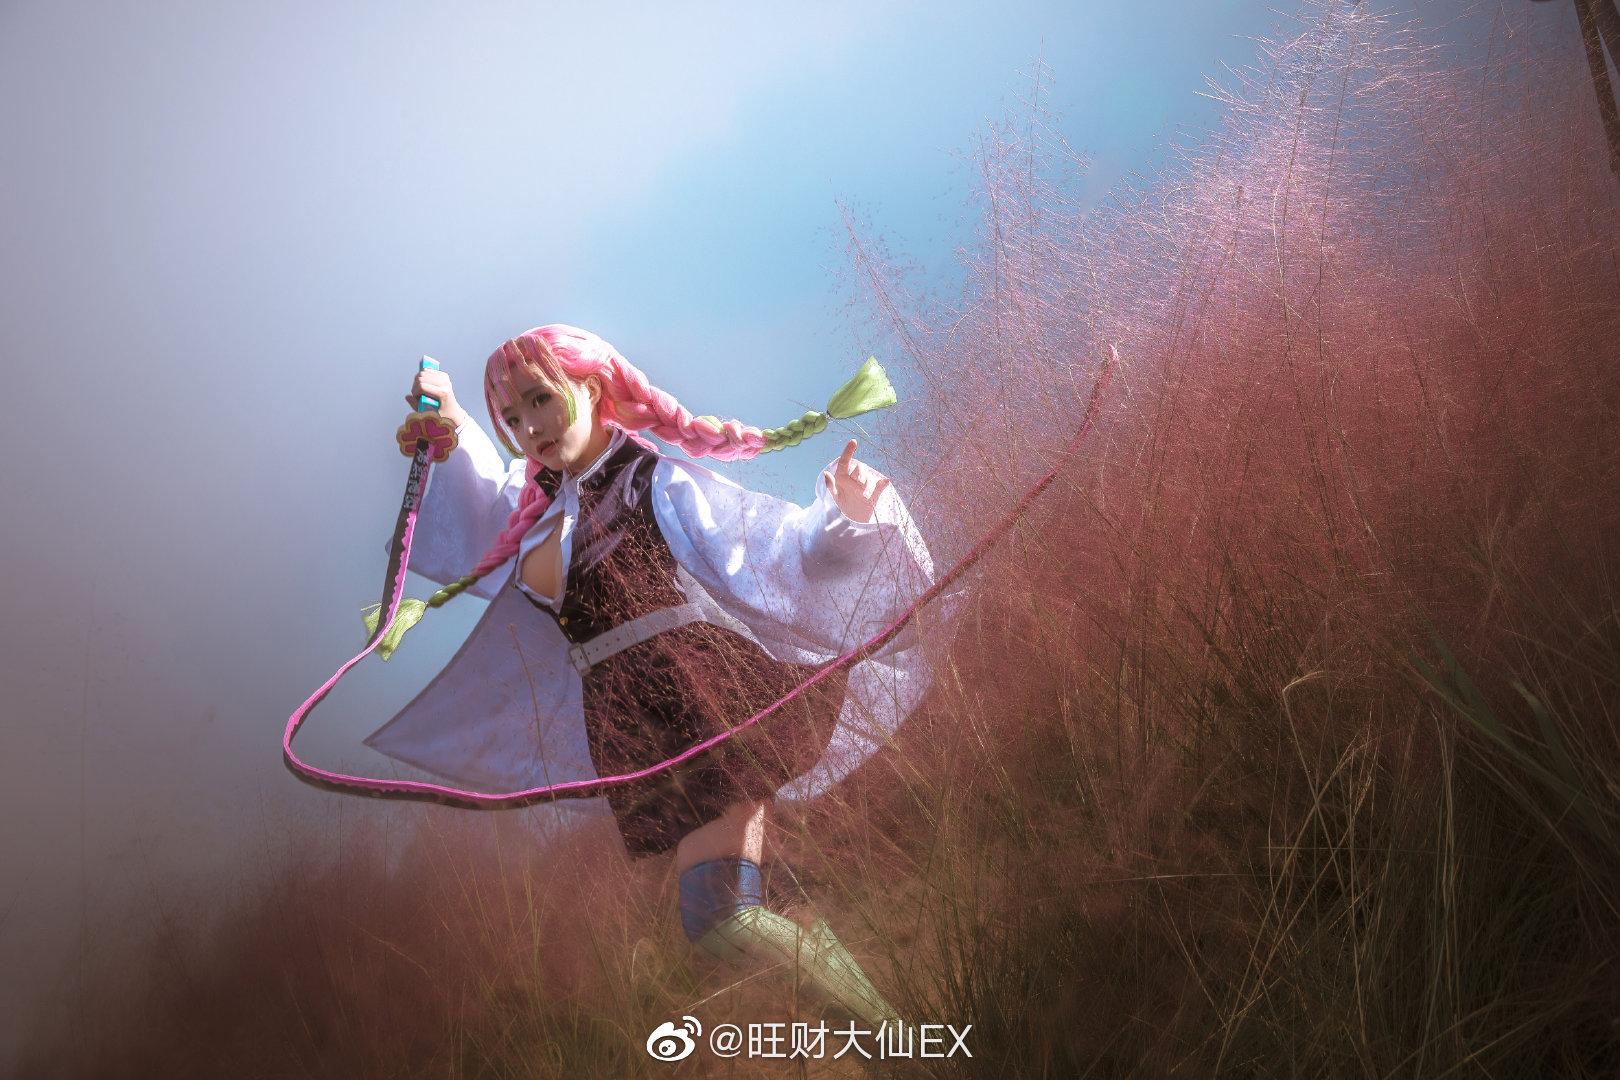 鬼灭之刃   甘露寺蜜璃   @旺财大仙EX (9P)-第9张